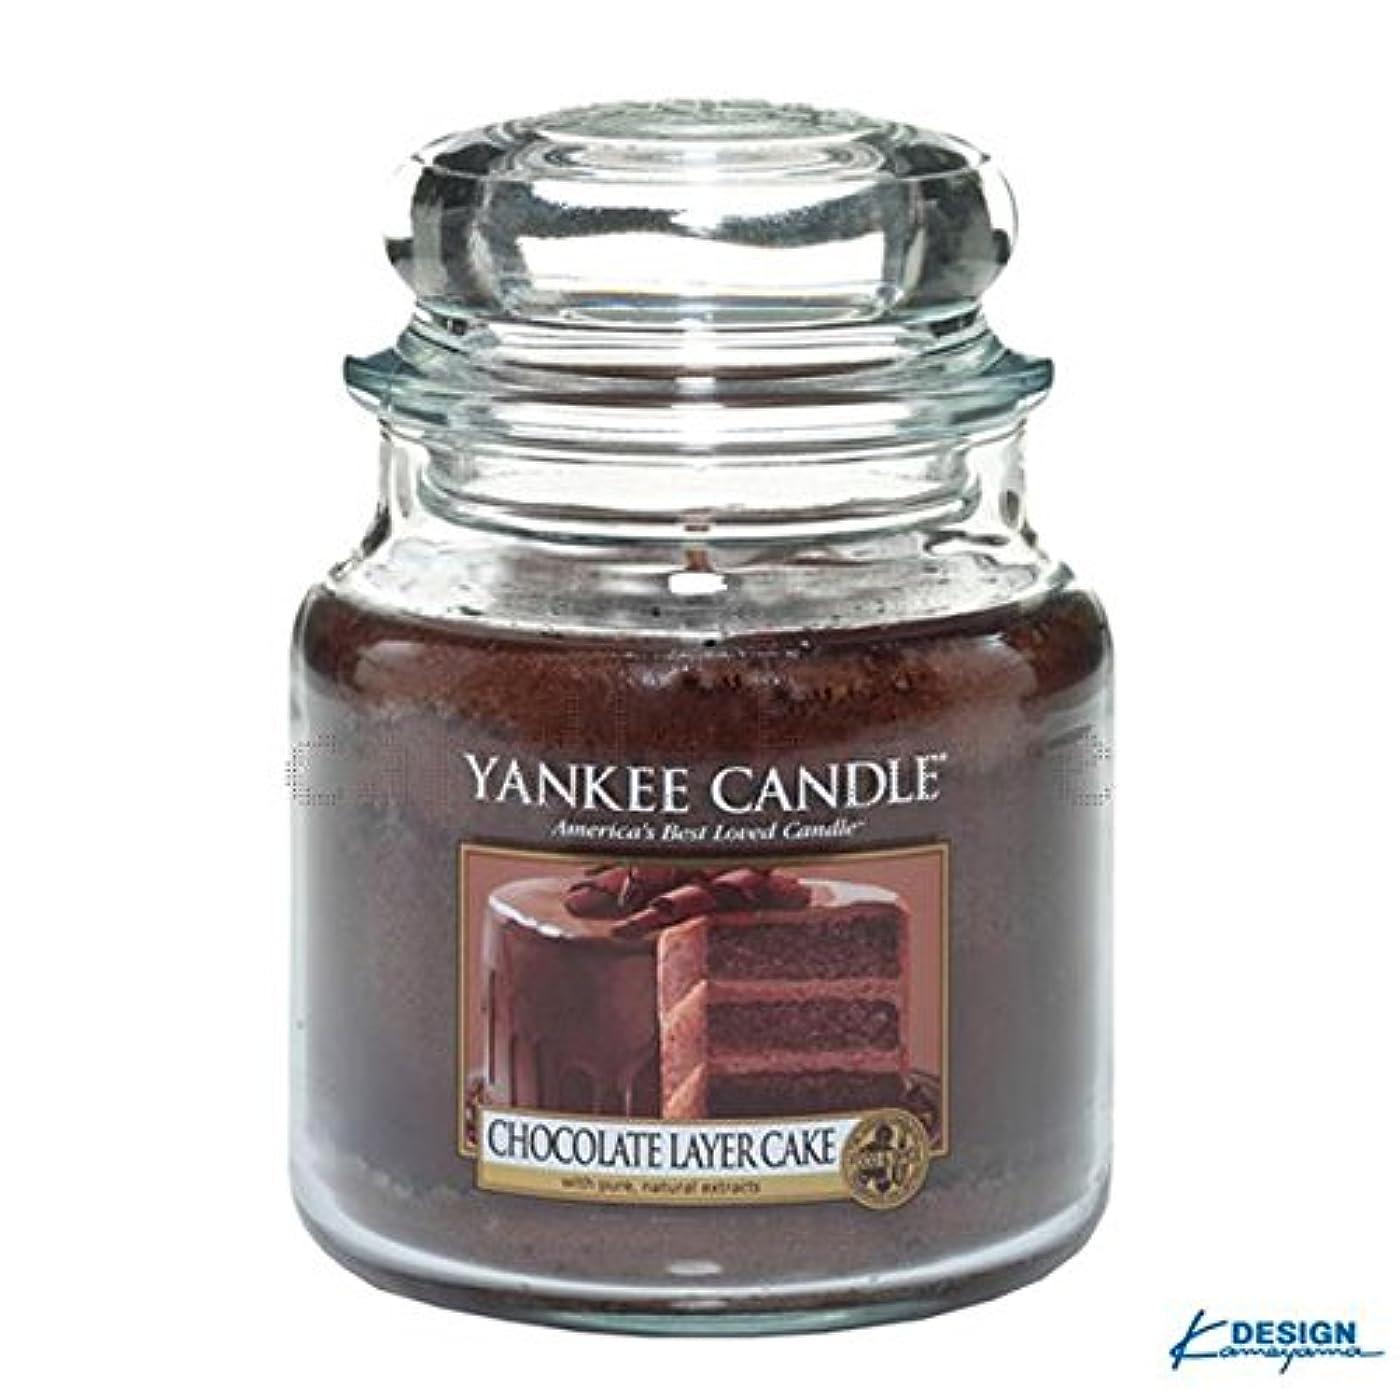 接続された認識ファンシーYANKEE CANDLEジャーM 「 チョコレートレイヤーケーキ 」